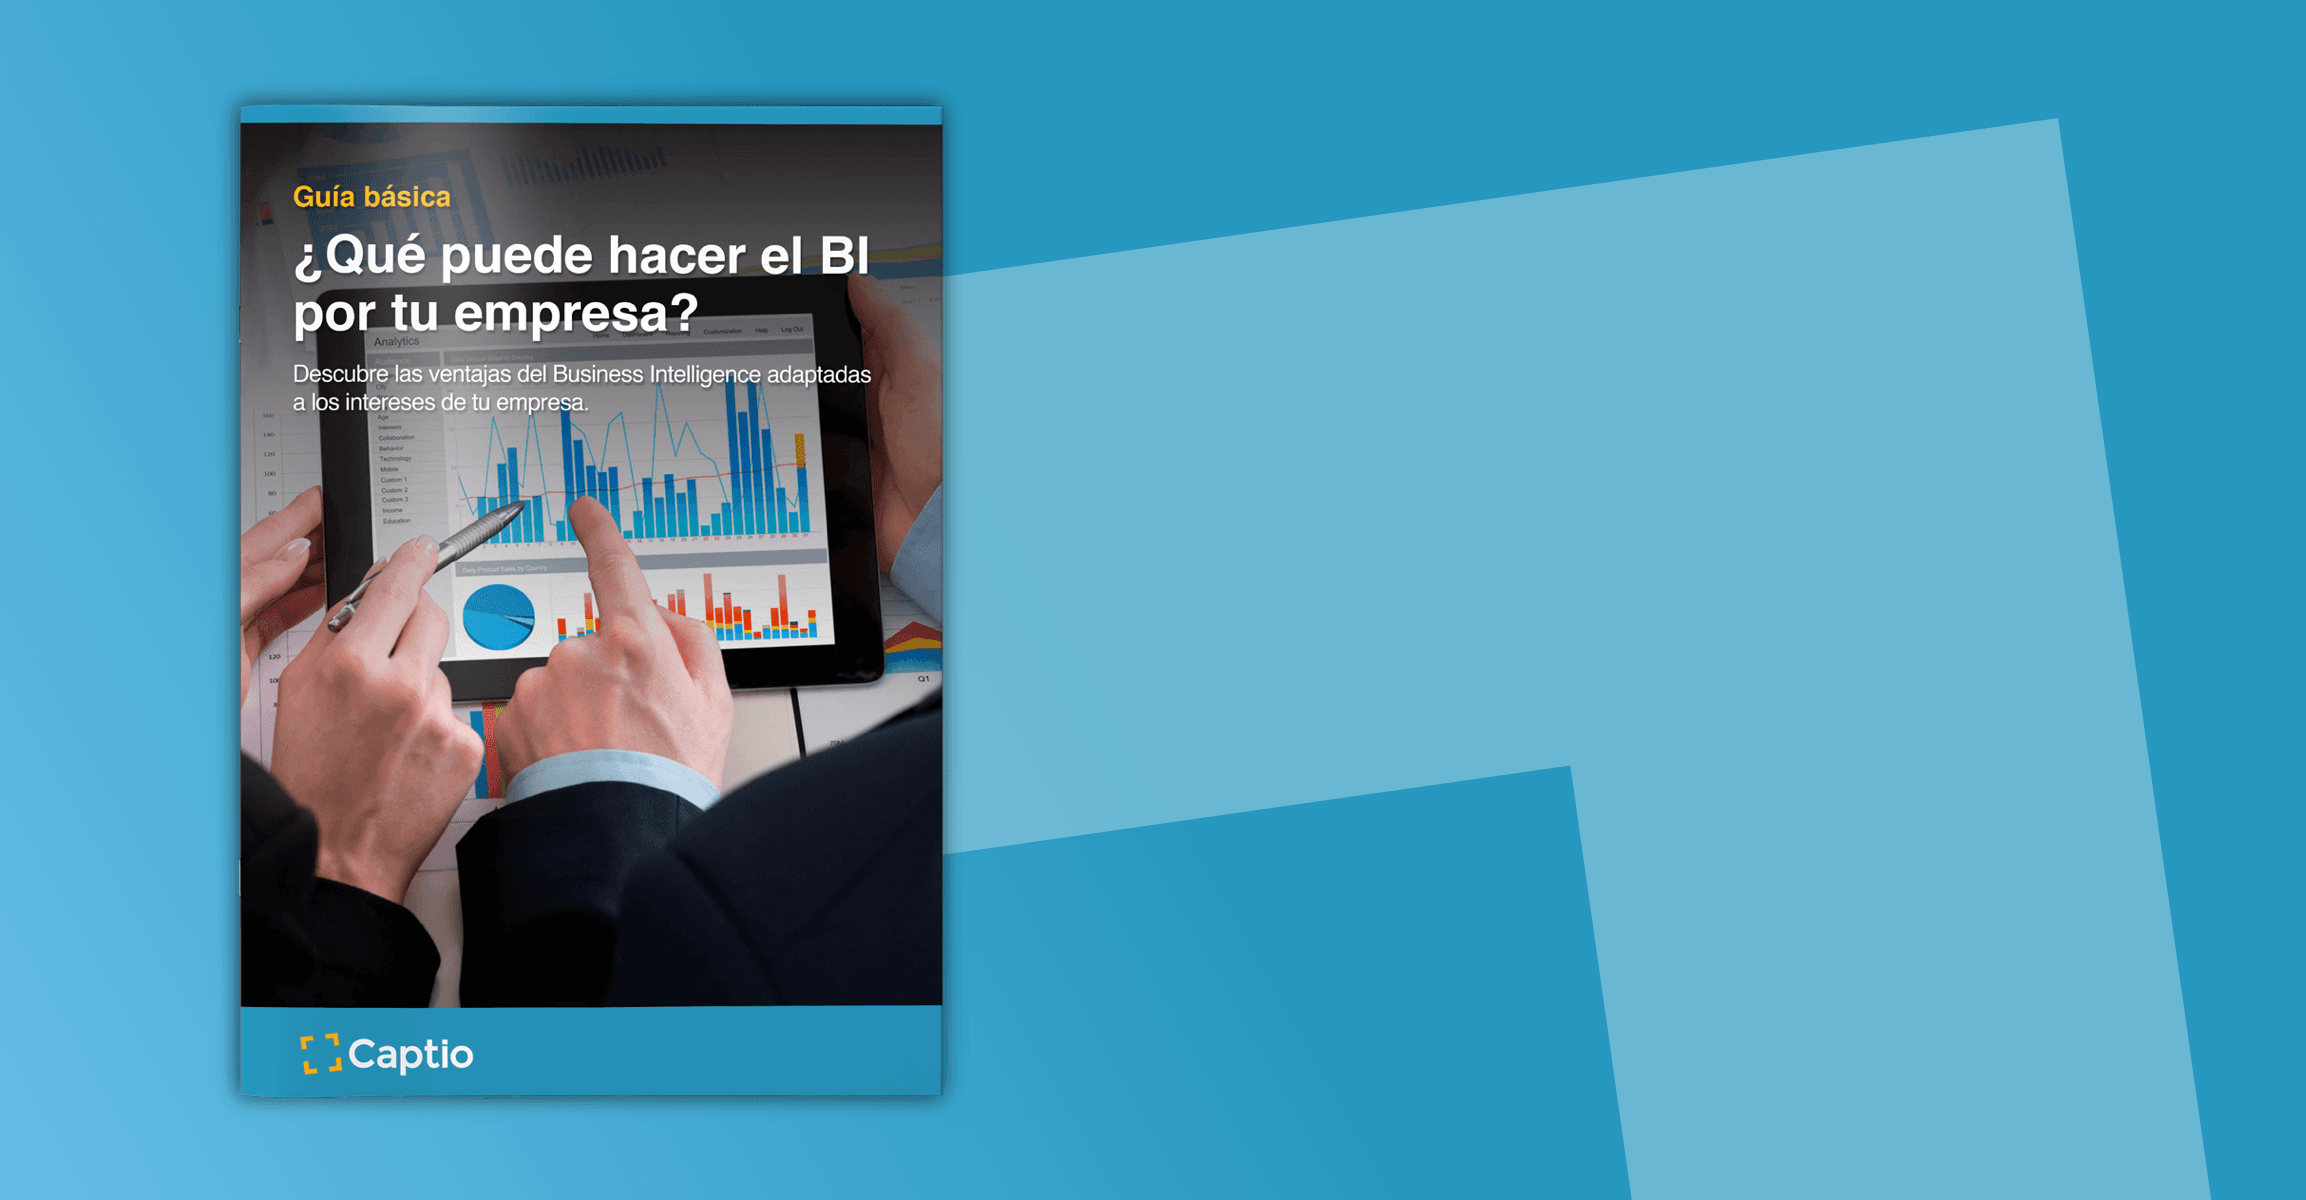 [Guía]: ¿Qué puede hacer el BI por tu empresa?